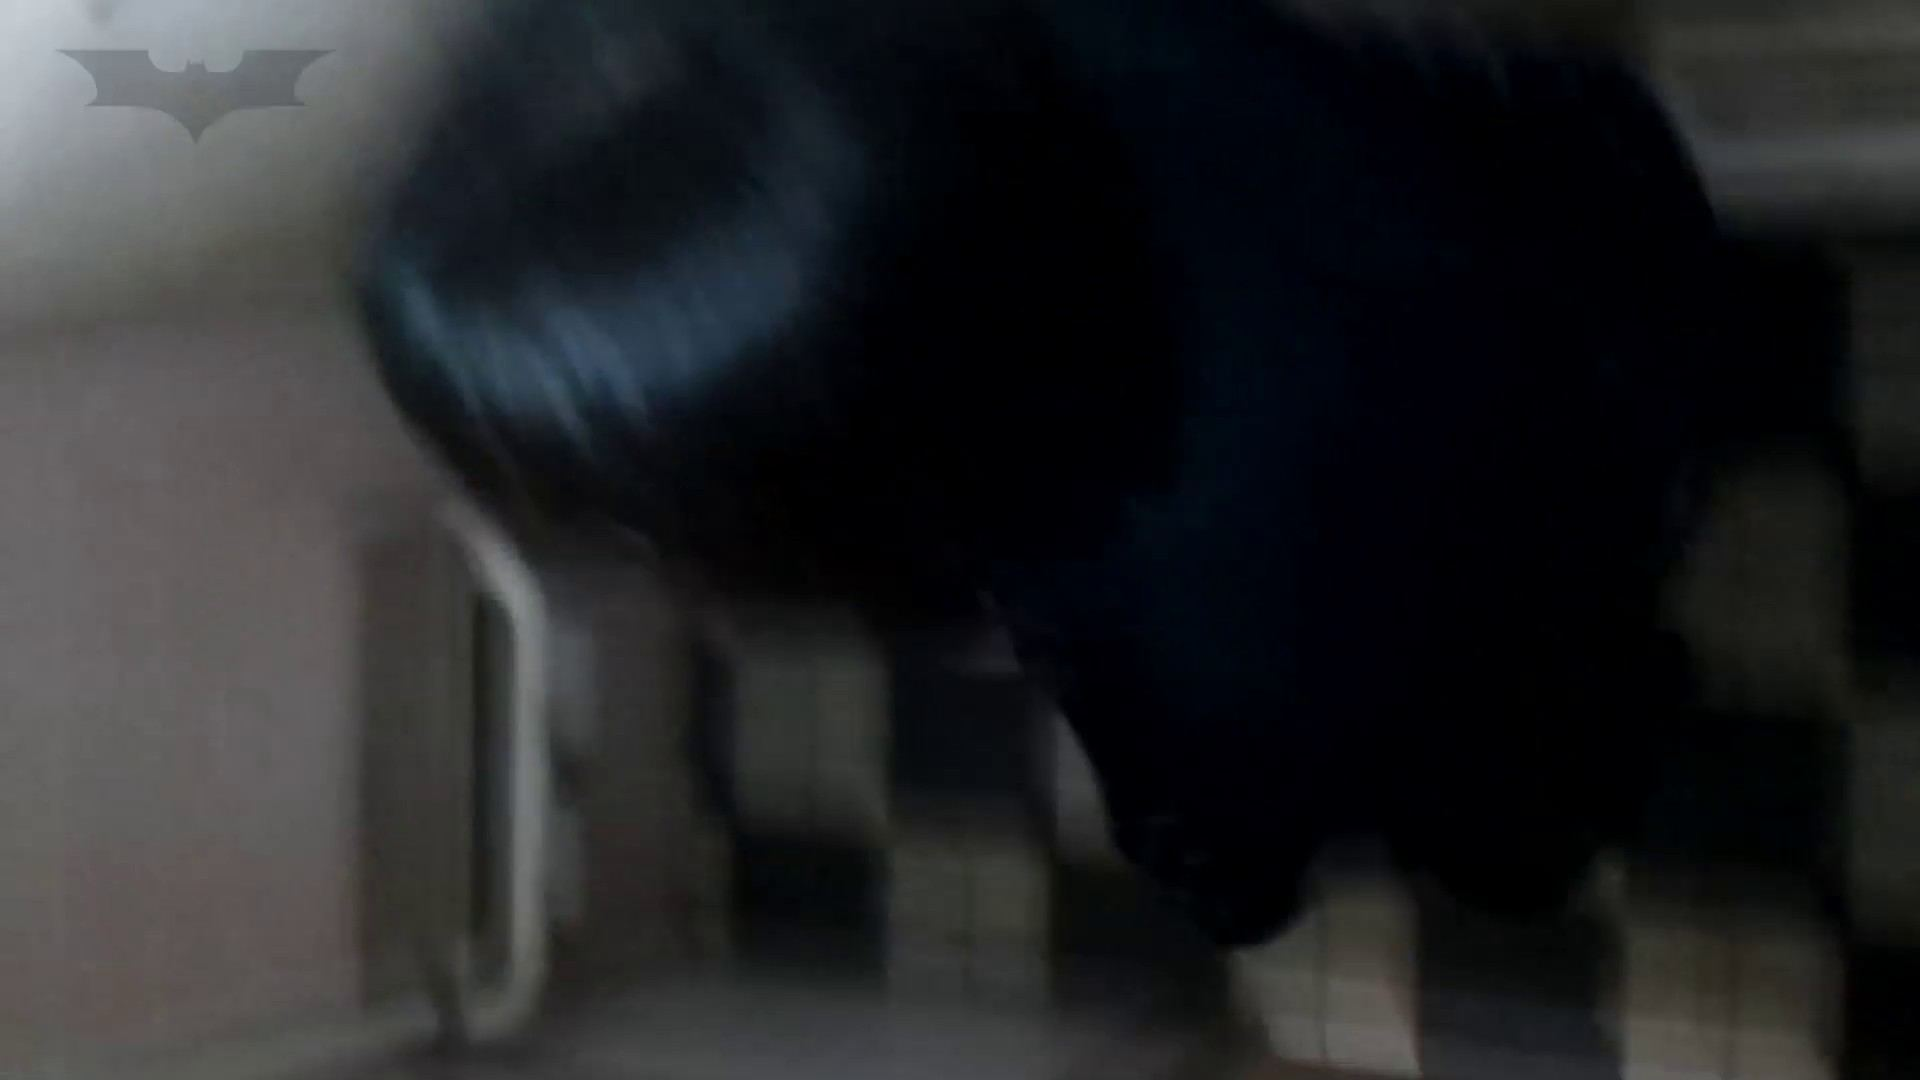 ▲復活限定D▲化粧室絵巻 駅舎編 VOL.12 SEIFUKUマフラー特集!! 洗面所 | ギャル攻め  100画像 89